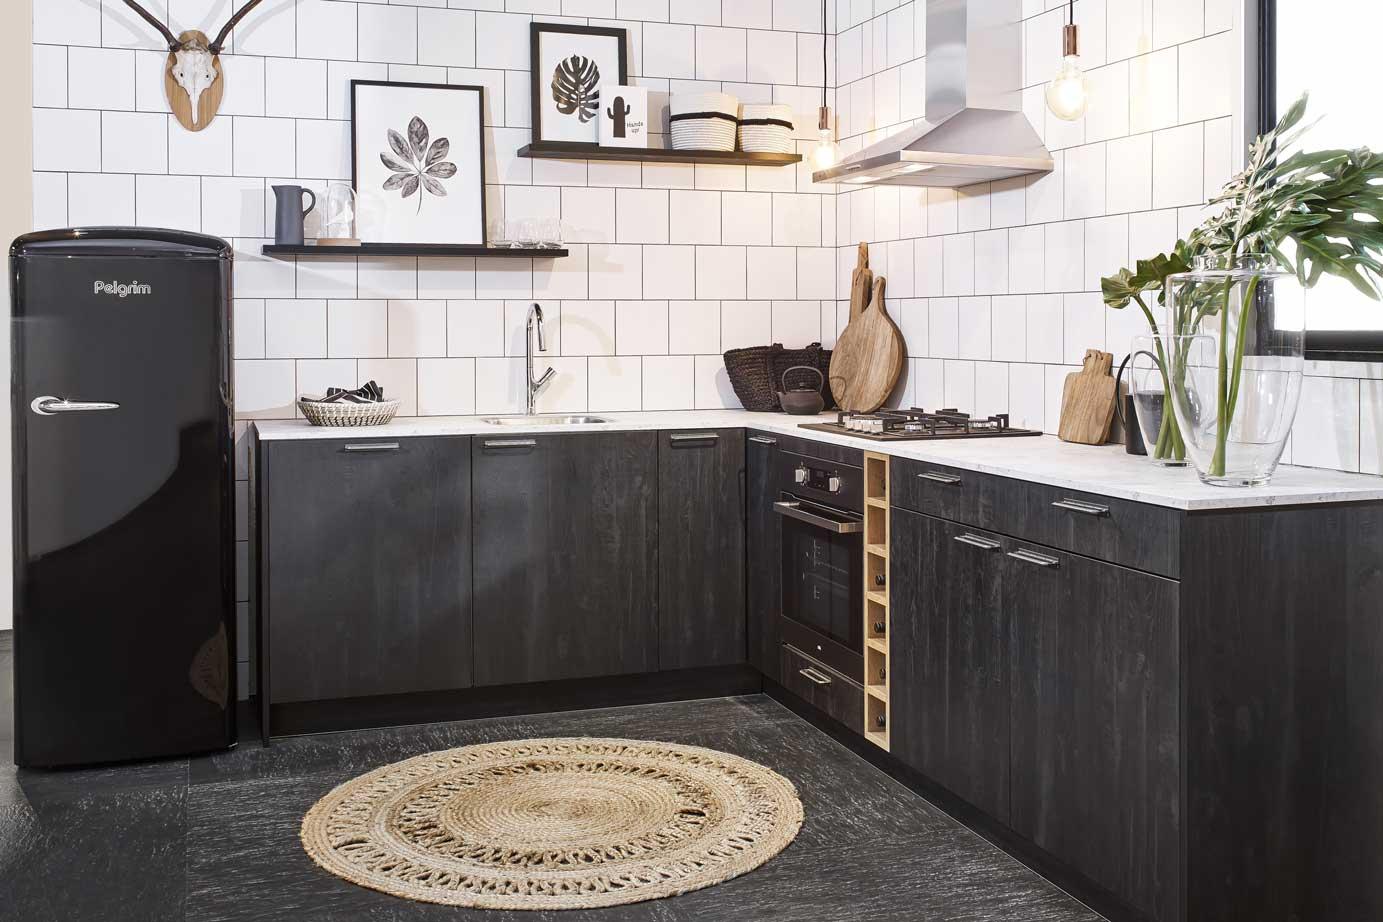 Zwarte scandinavische keuken bekijk foto s en prijzen db keukens